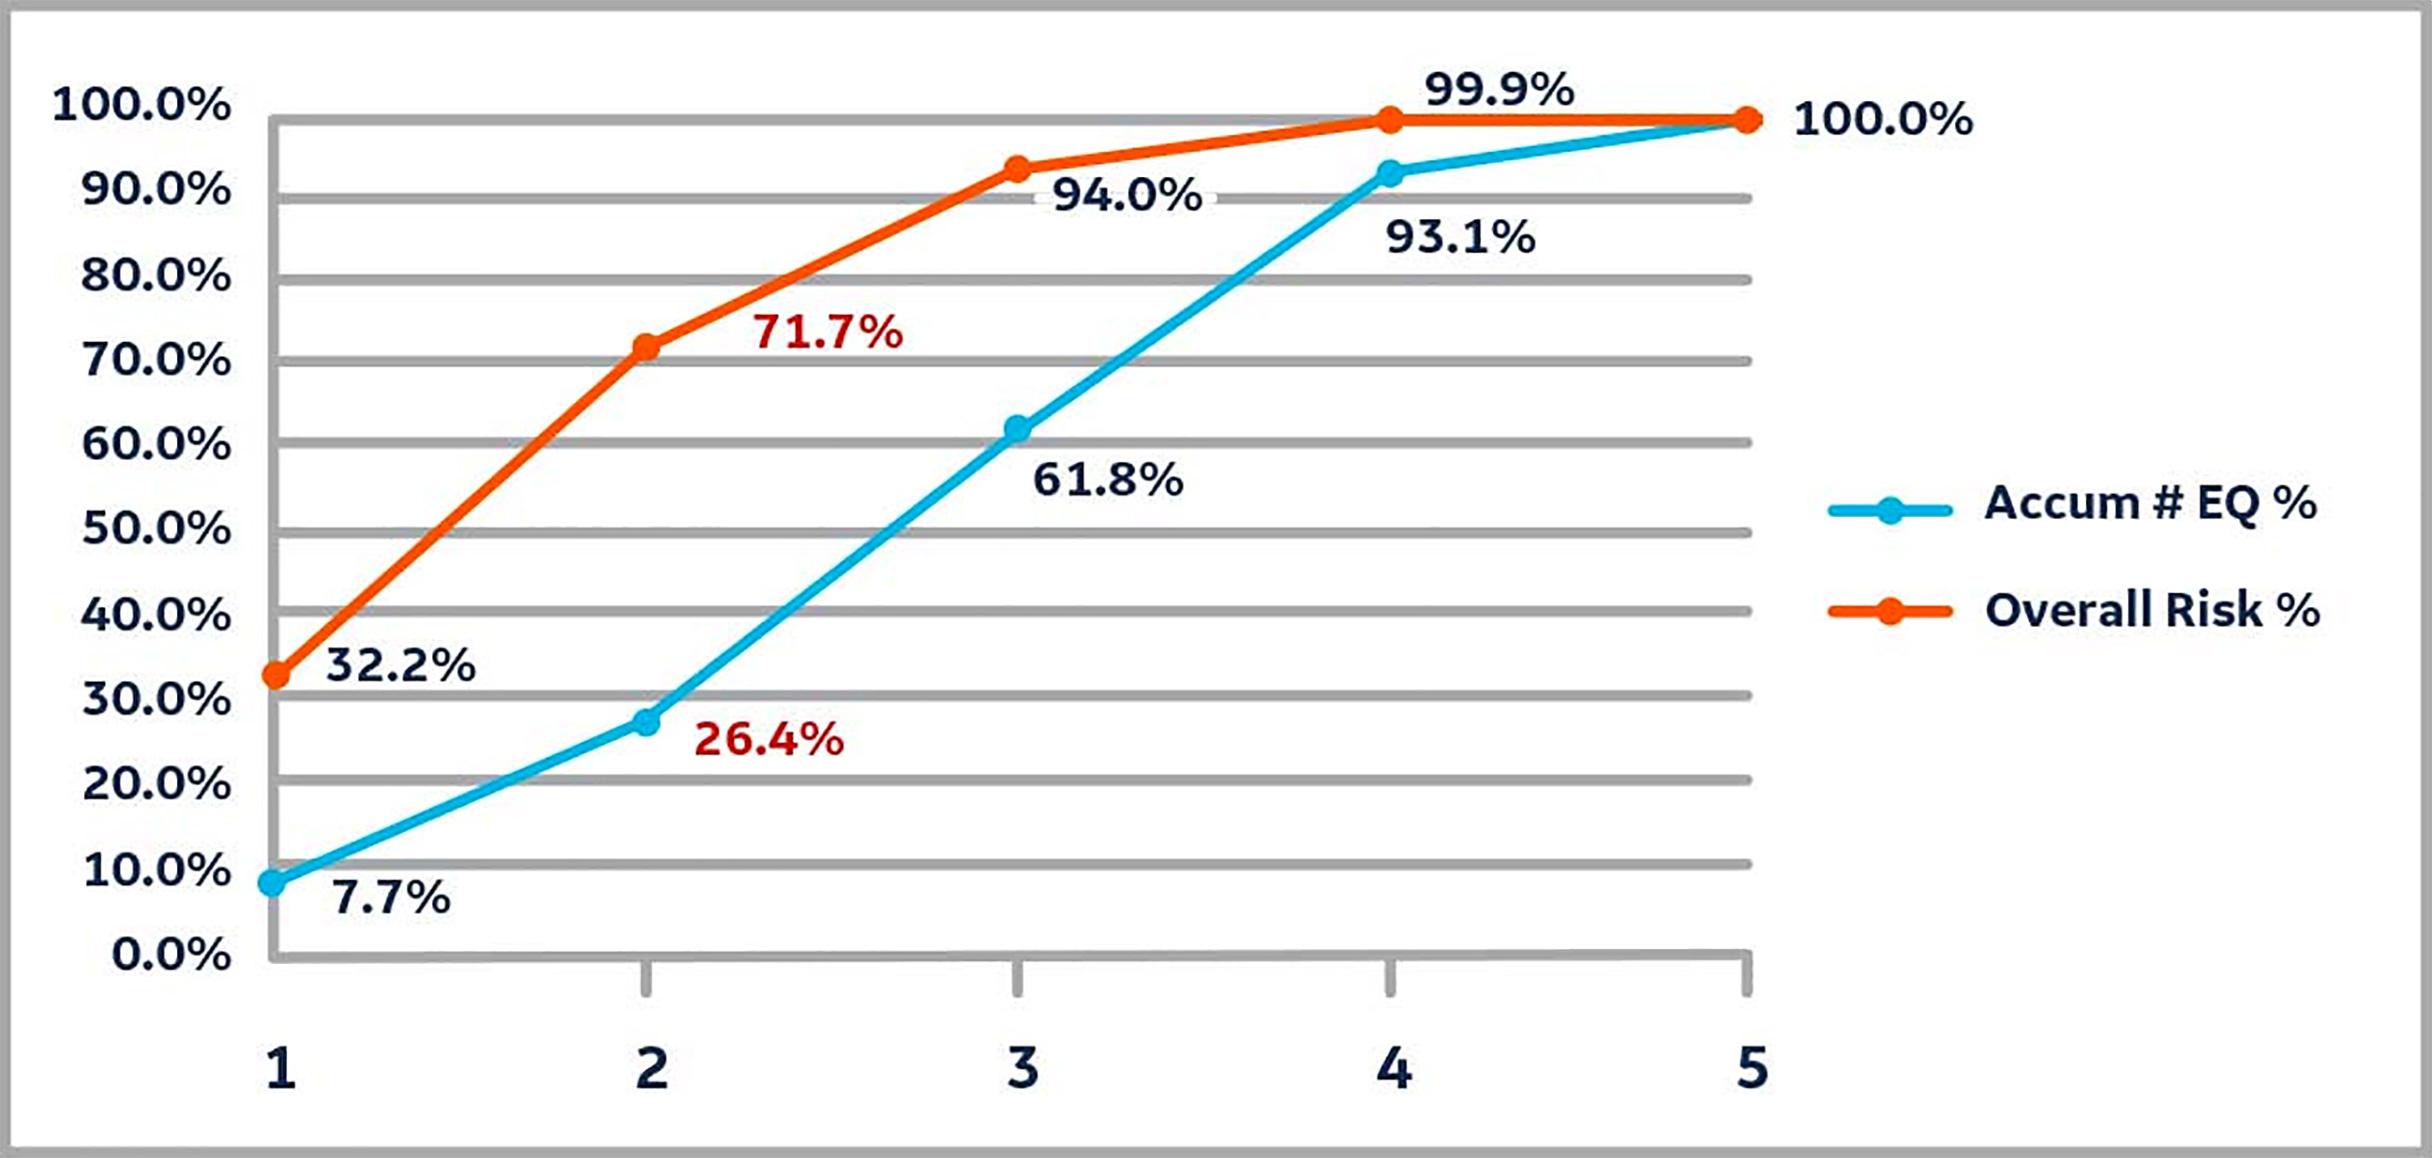 blog-graph4-intelligent-asset-1-2432x1158.jpg